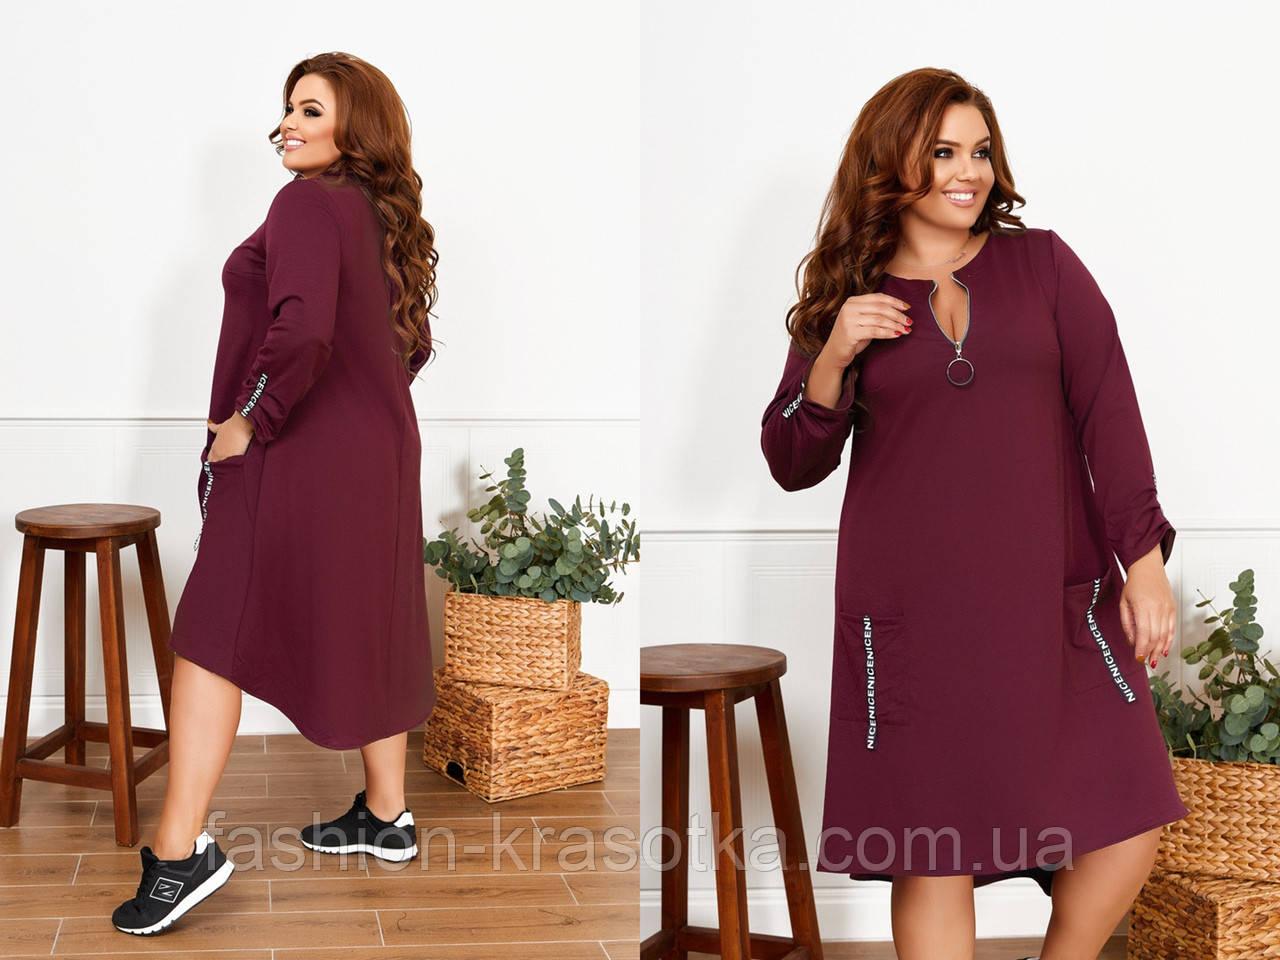 Женское платье,размеры:48-50,52-54,56-58.